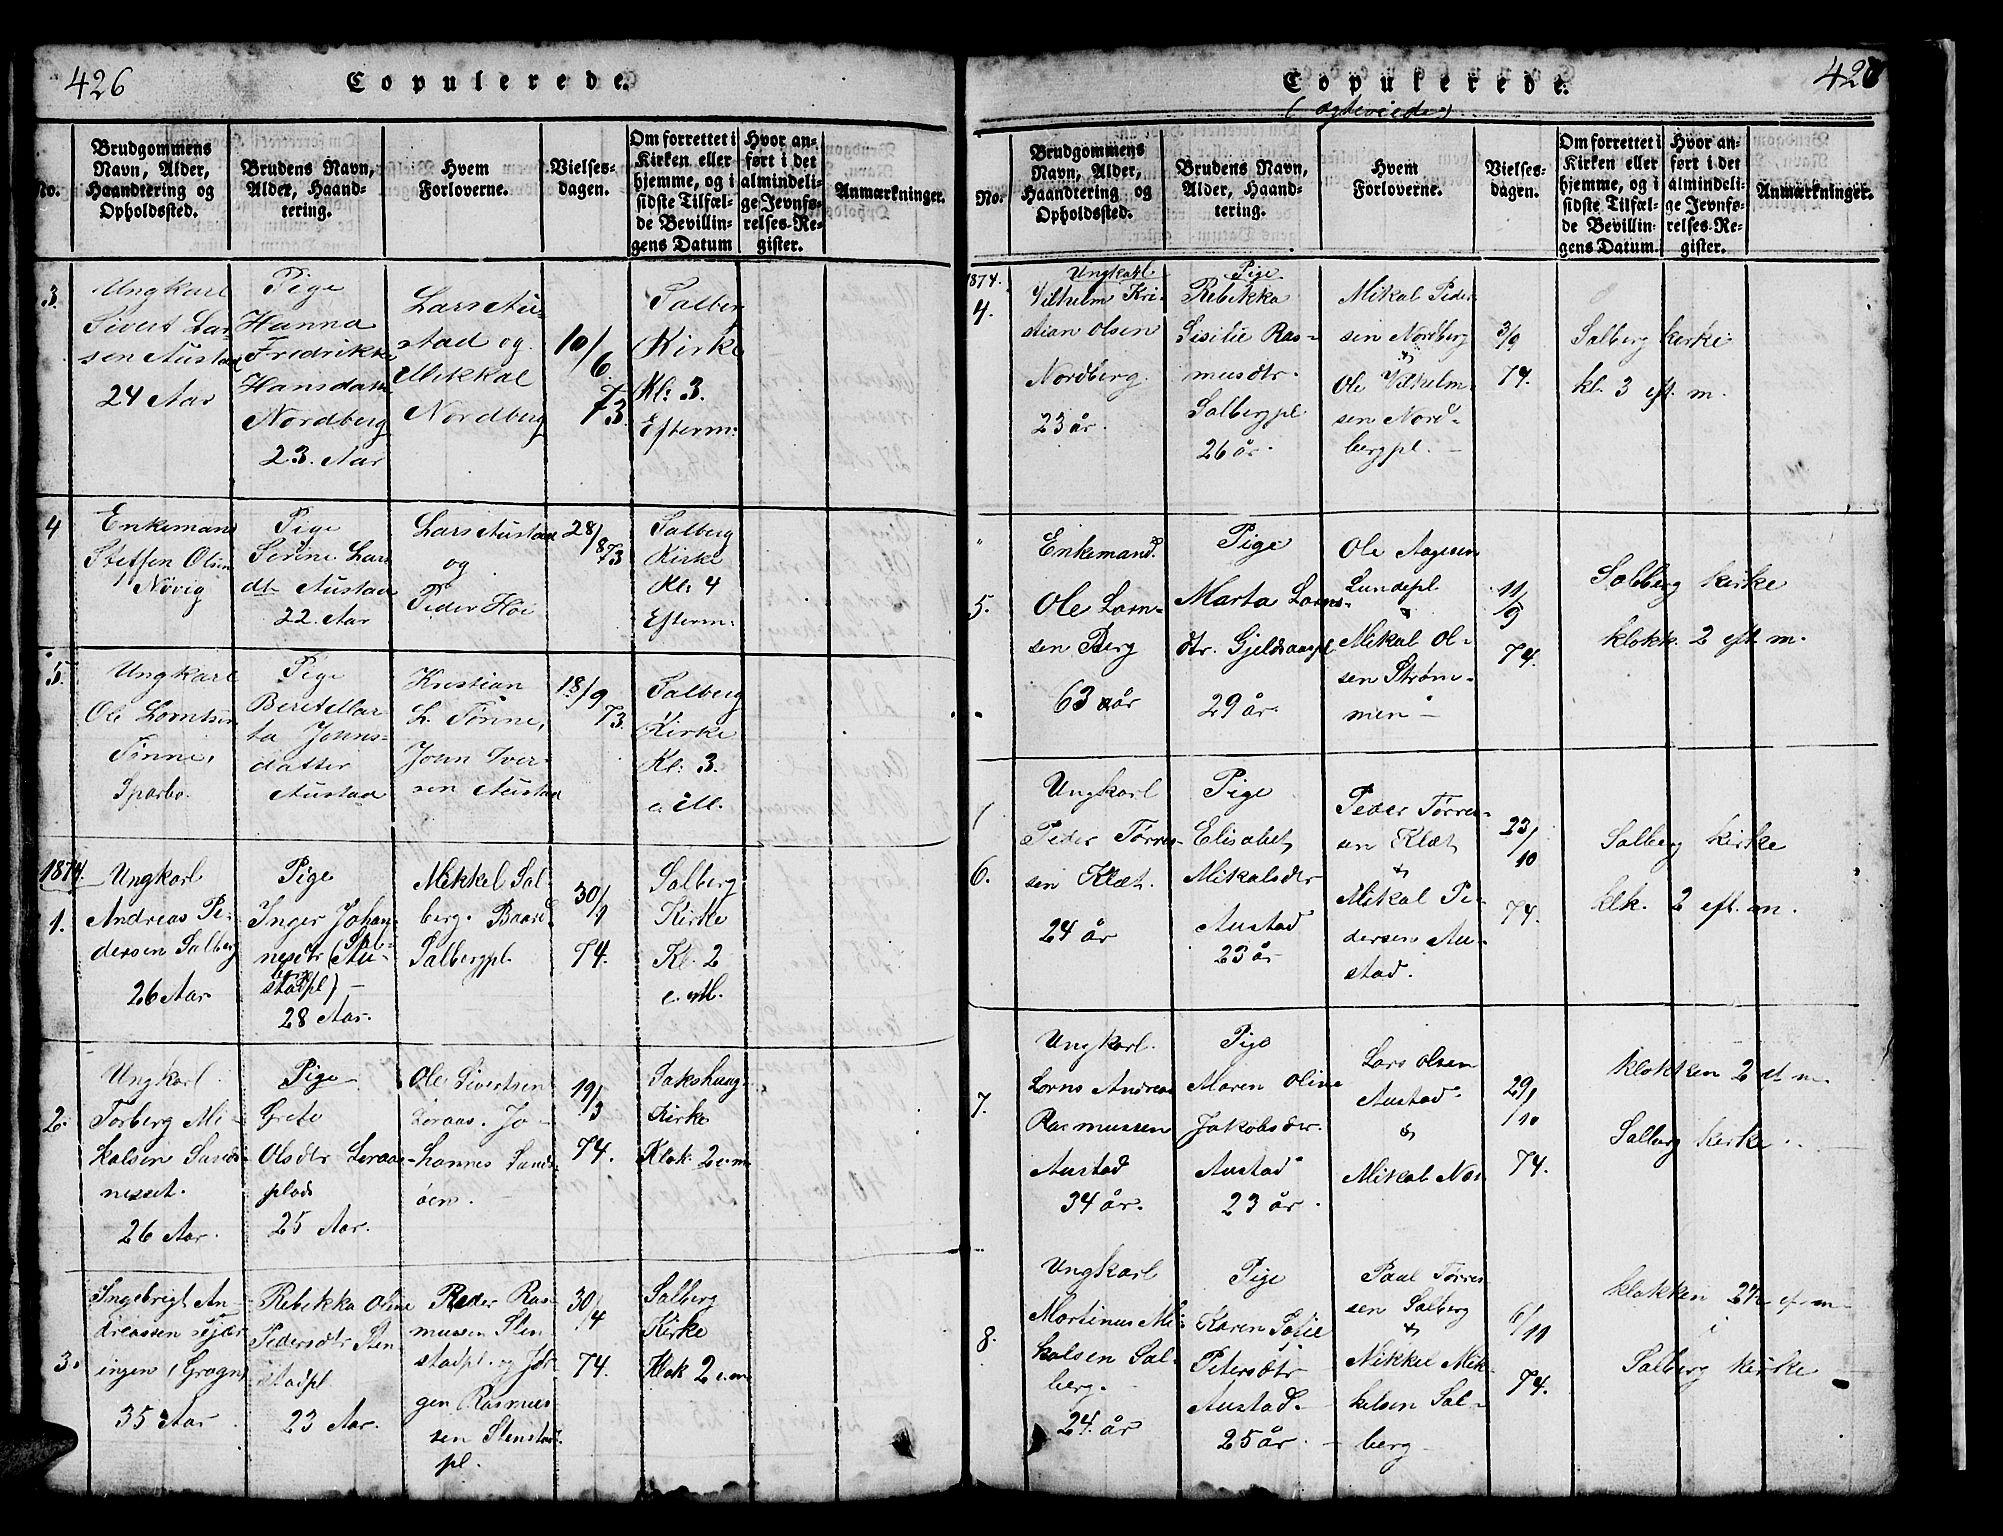 SAT, Ministerialprotokoller, klokkerbøker og fødselsregistre - Nord-Trøndelag, 731/L0310: Klokkerbok nr. 731C01, 1816-1874, s. 426-427